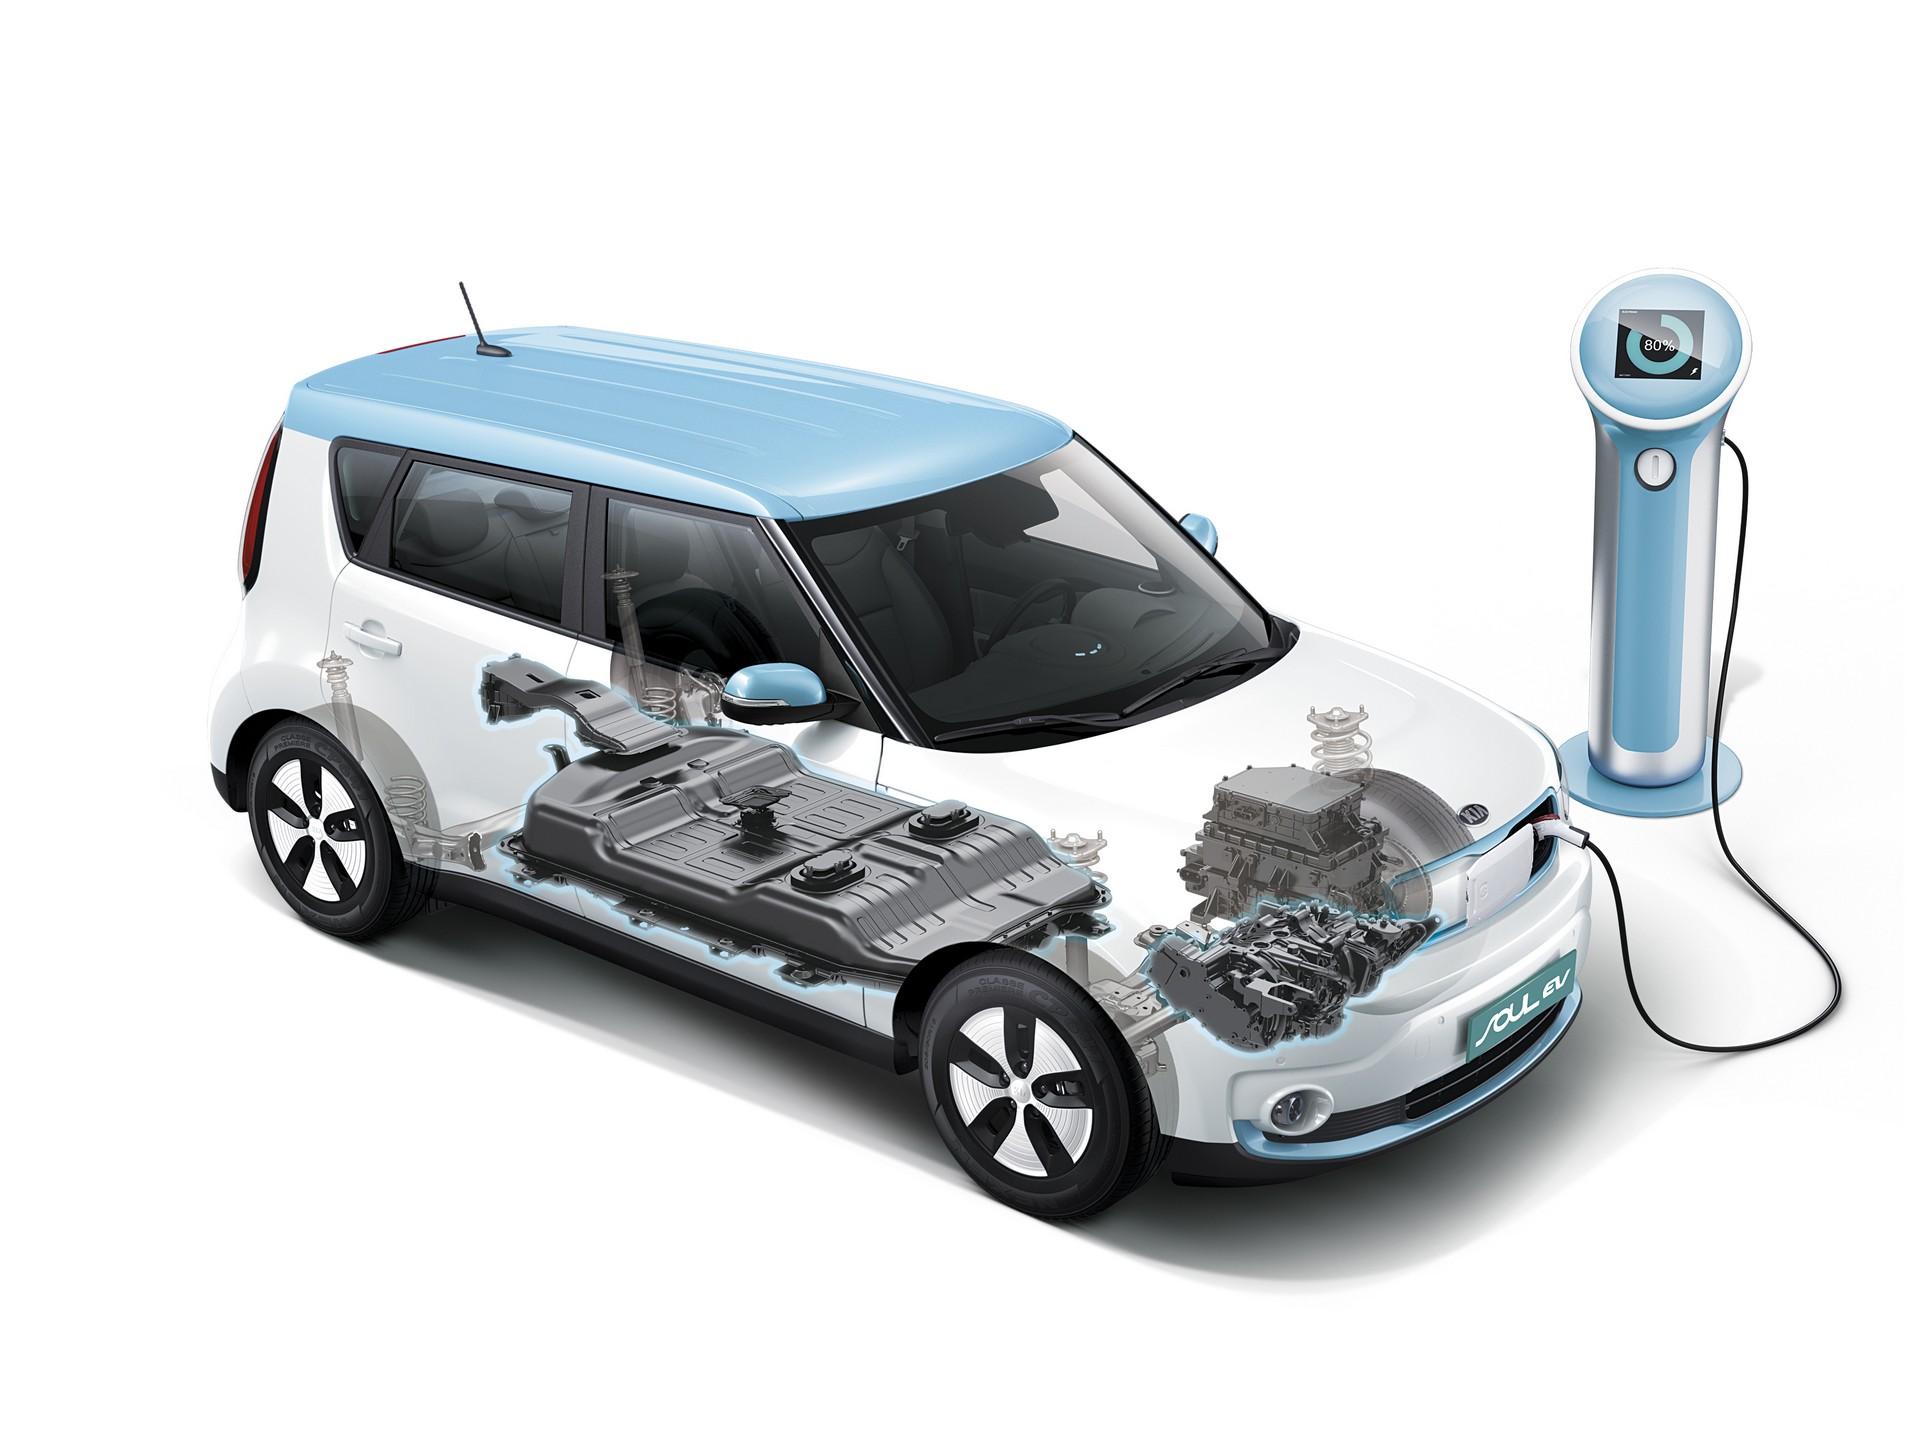 Schema Elettrico Auto : Colonnine per ricarica auto elettriche inizia la diffusione